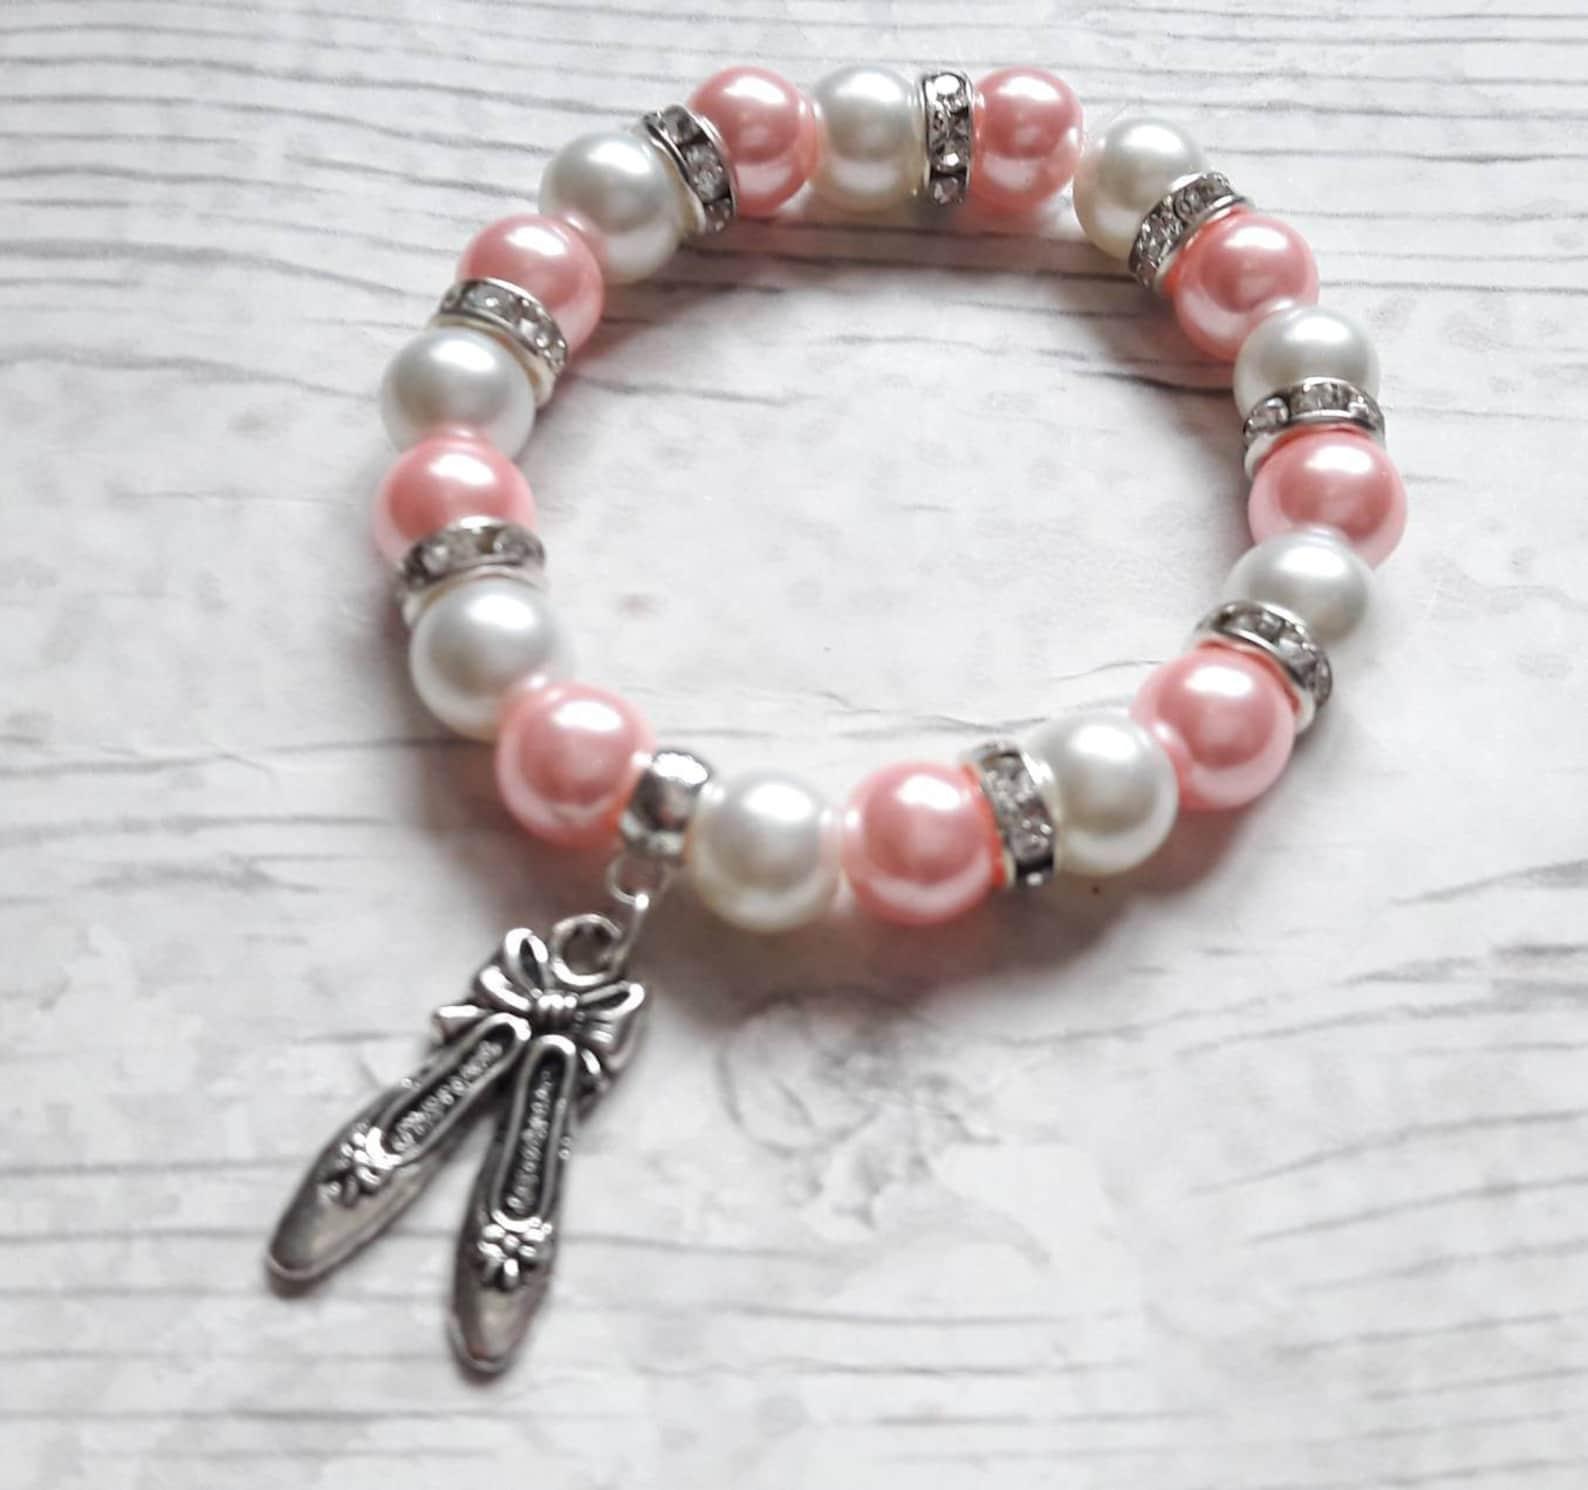 ballet shoe bracelet, ballerina jewellery, dance jewelry, ballet present, gift for girls, friendship bracelet, charm beaded brac